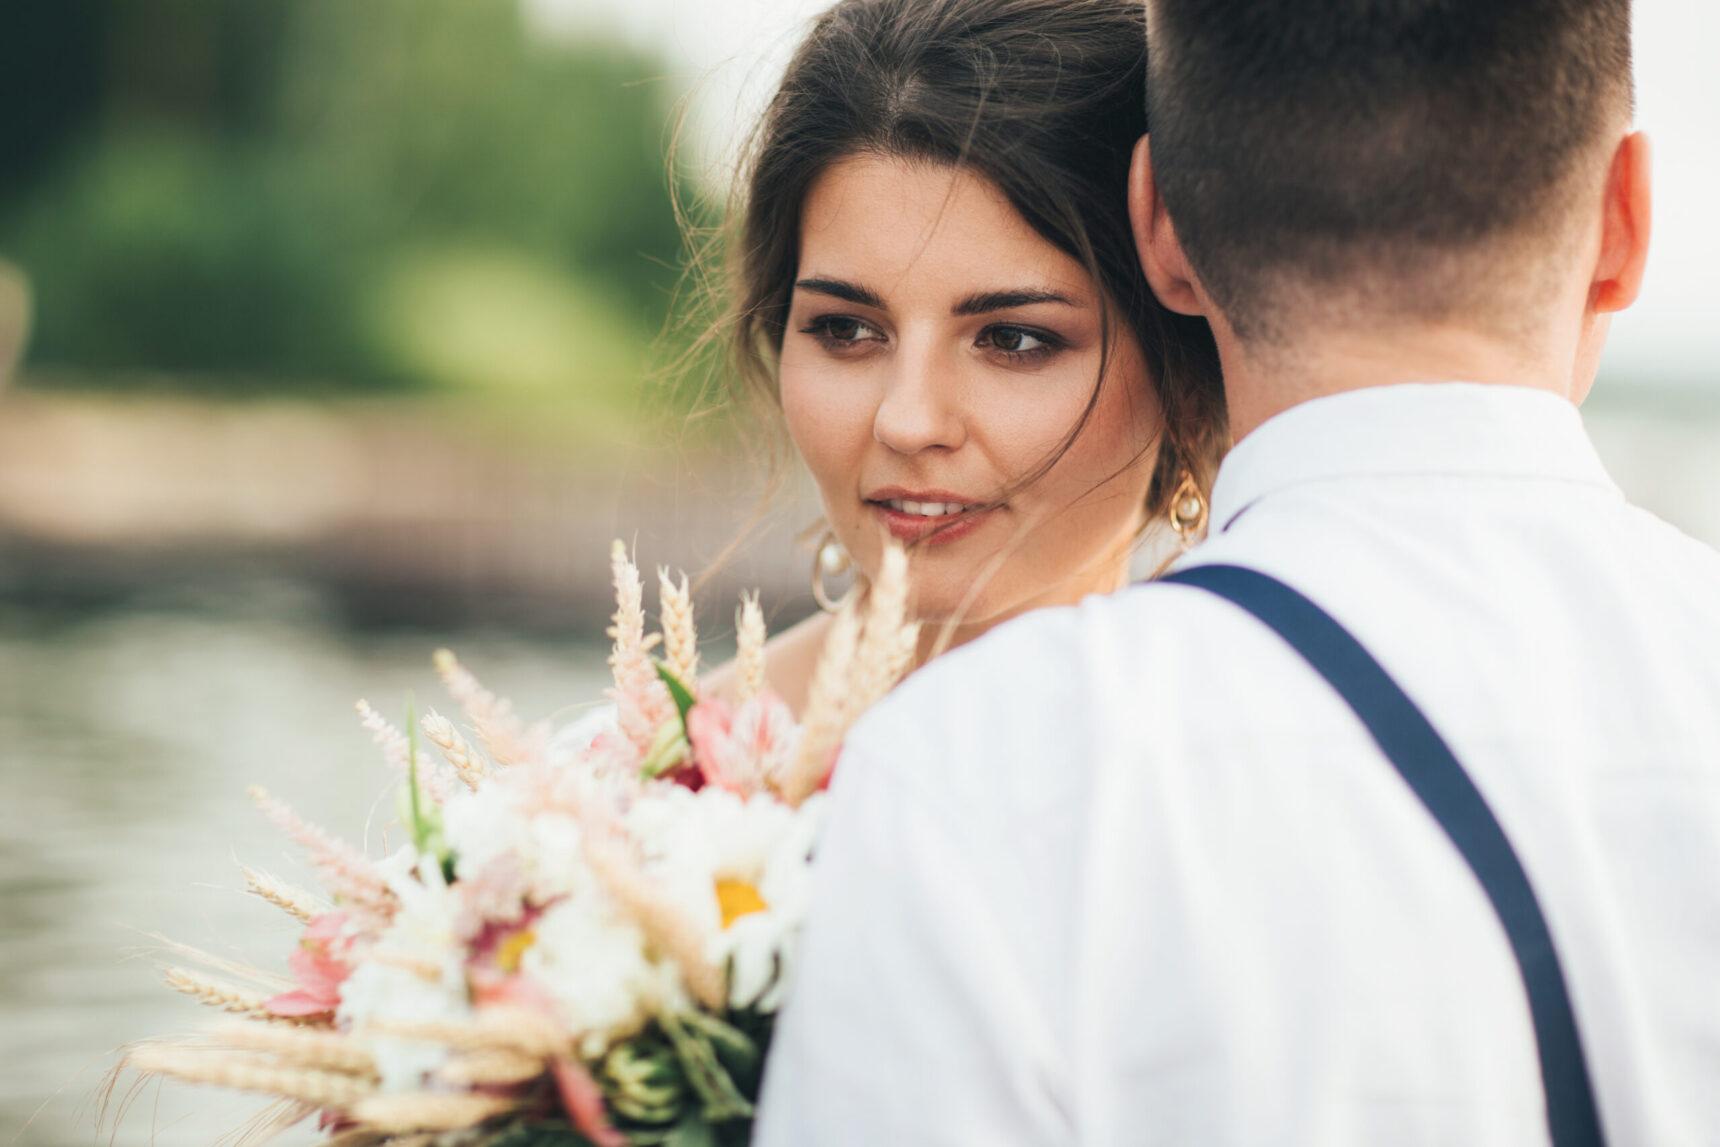 """""""Trochę żal swojego, ale to tylko nazwisko nie serce"""", czyli co przyszłe panny młode myślą o zmianie nazwiska po ślubie?"""